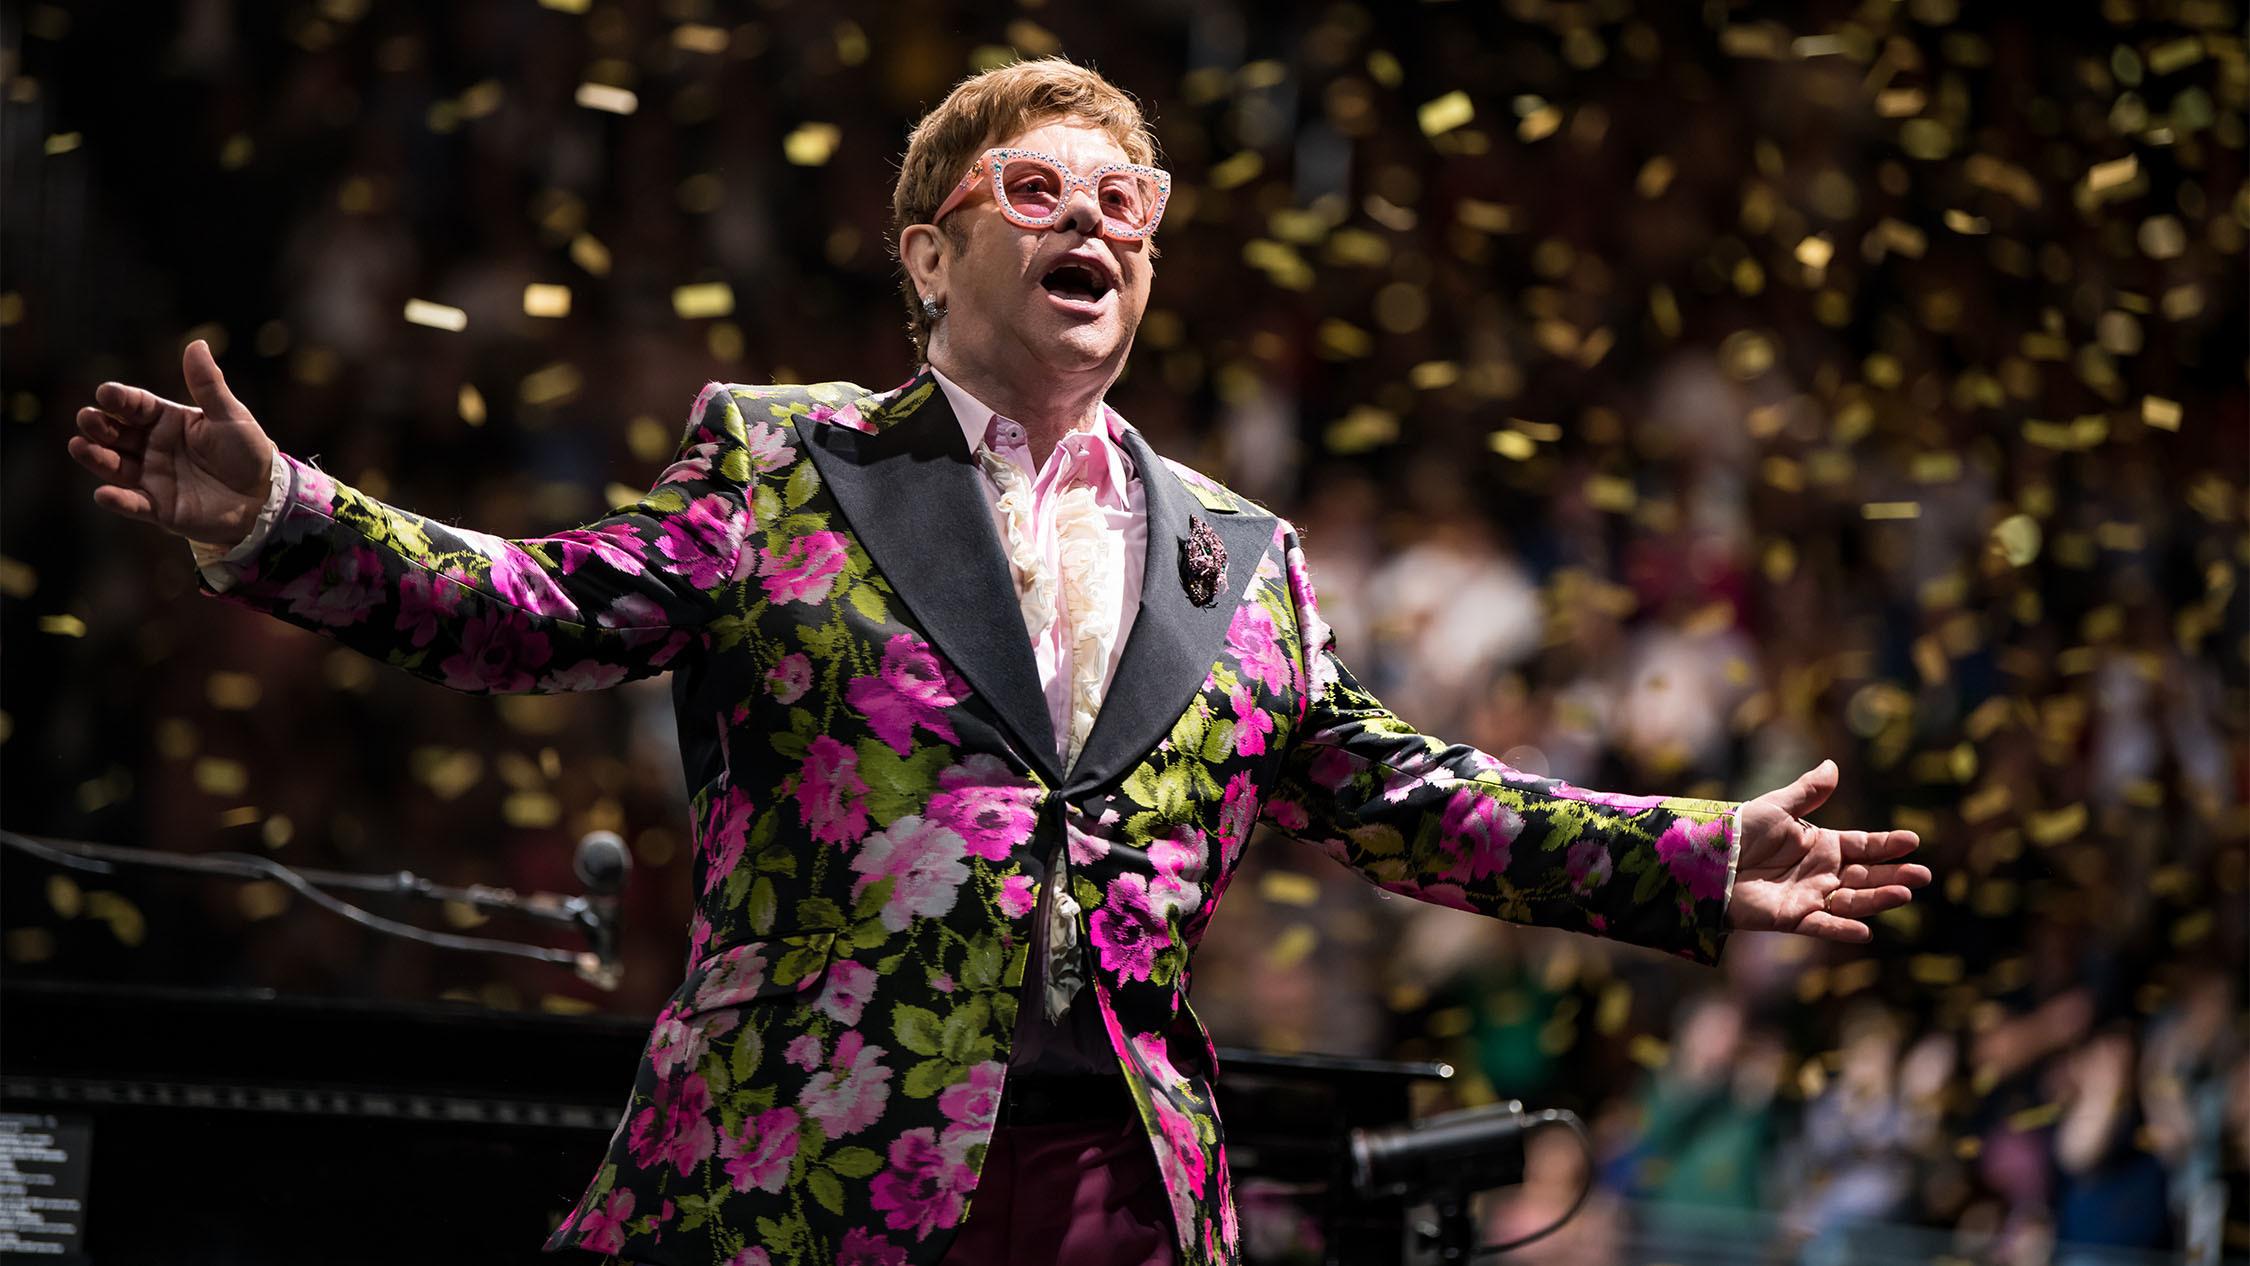 Catch Elton John on his final tour